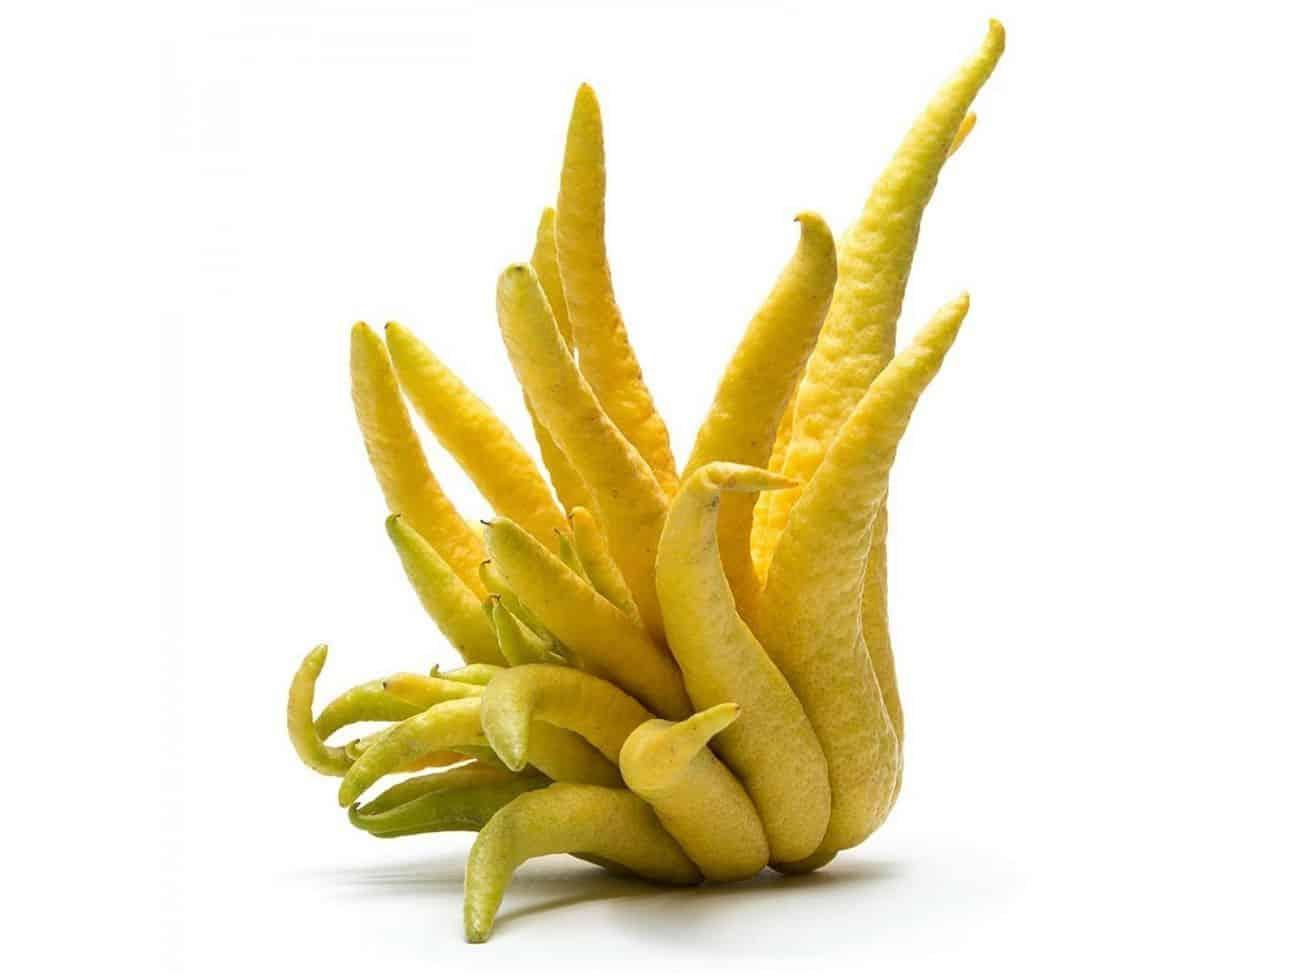 Conheça 5 das frutas mais bizarras do mundo